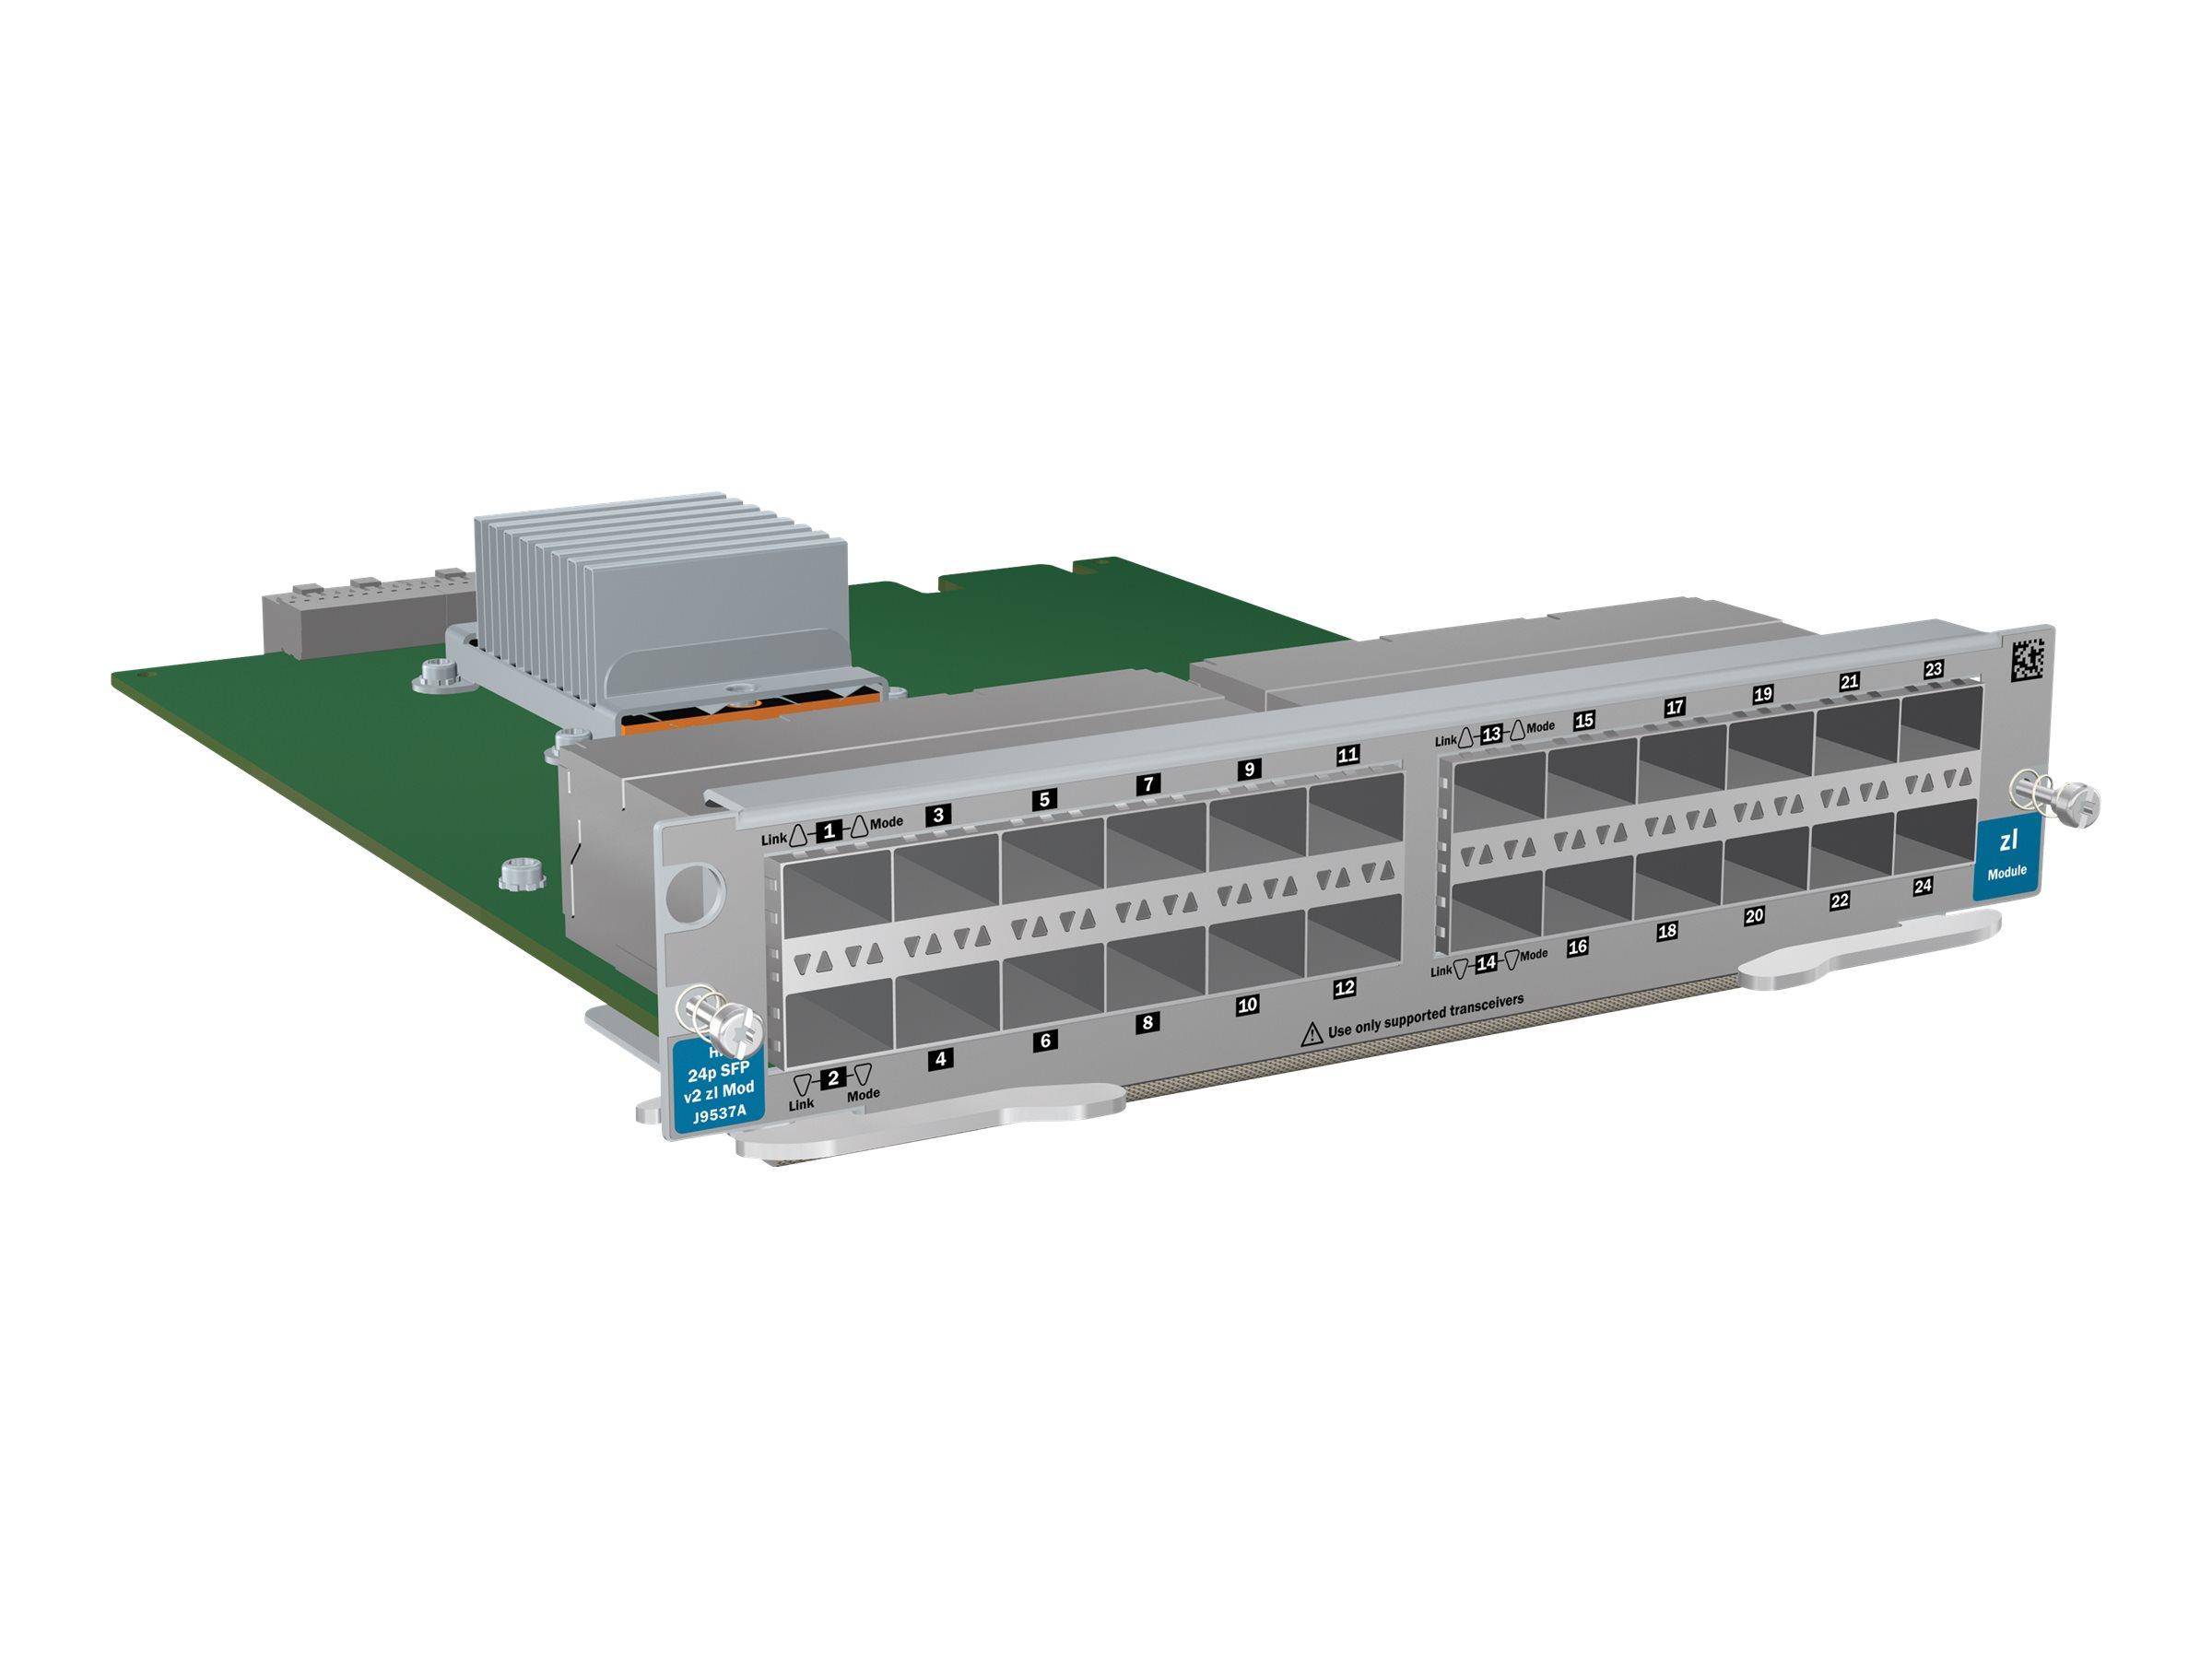 HP 24-port SFP v2 zl Module (J9537AR) - RENEW